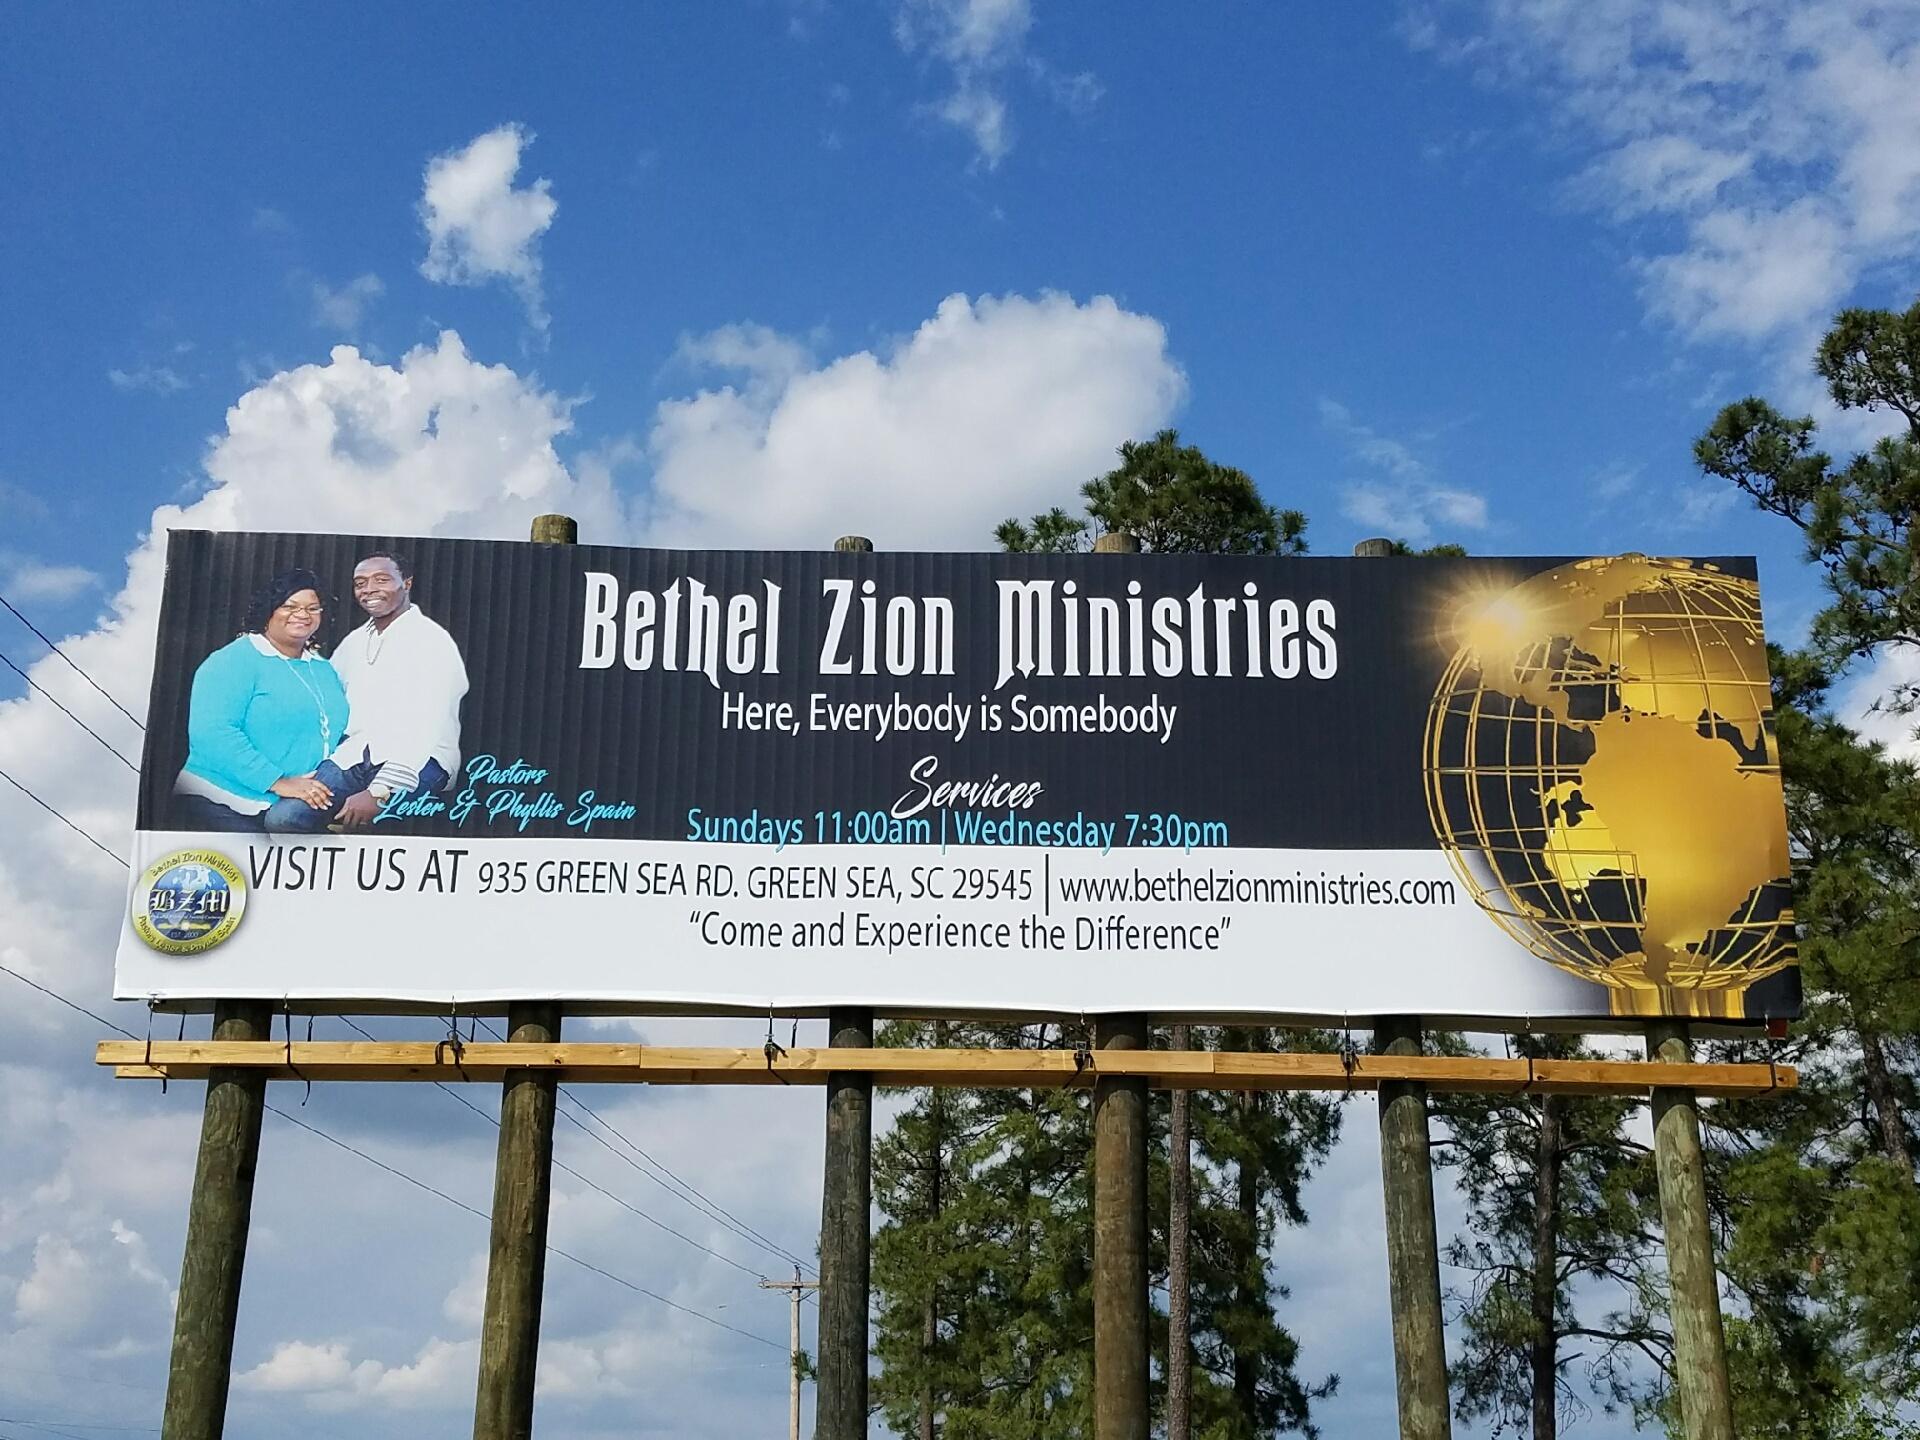 Bethel Zion